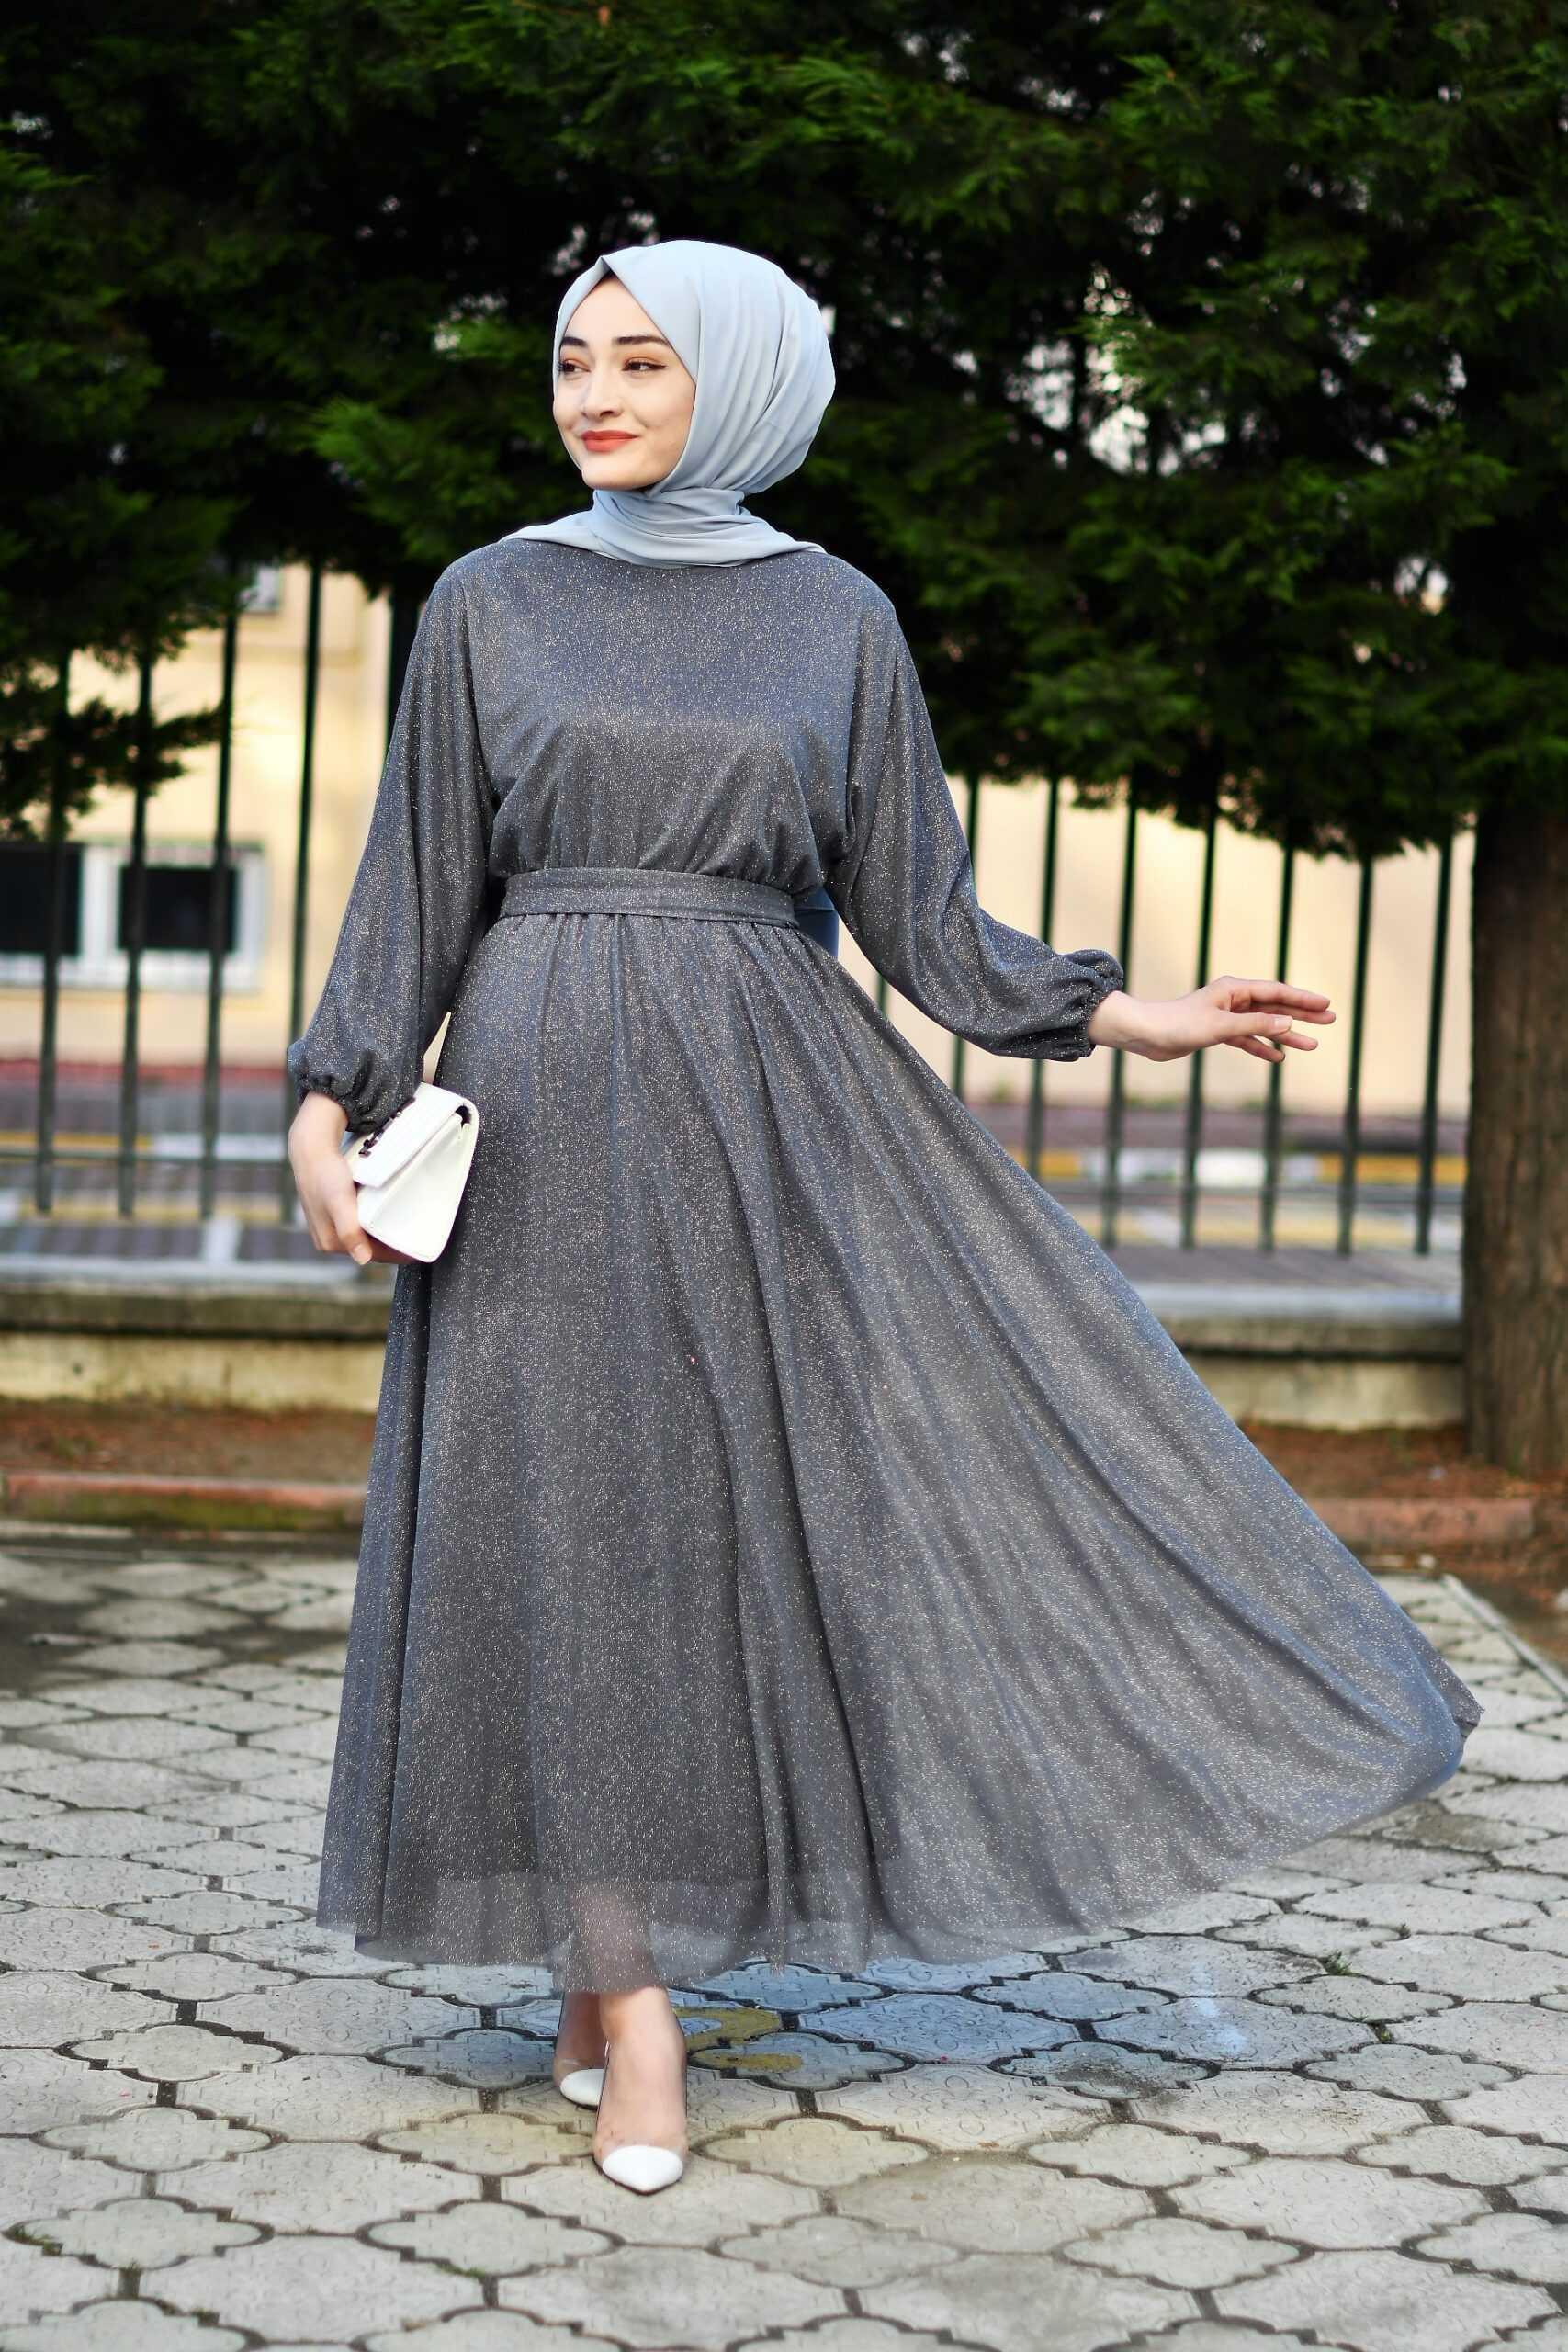 Modam Afra Tesettür Büzgülü Abiye Elbise Modelleri